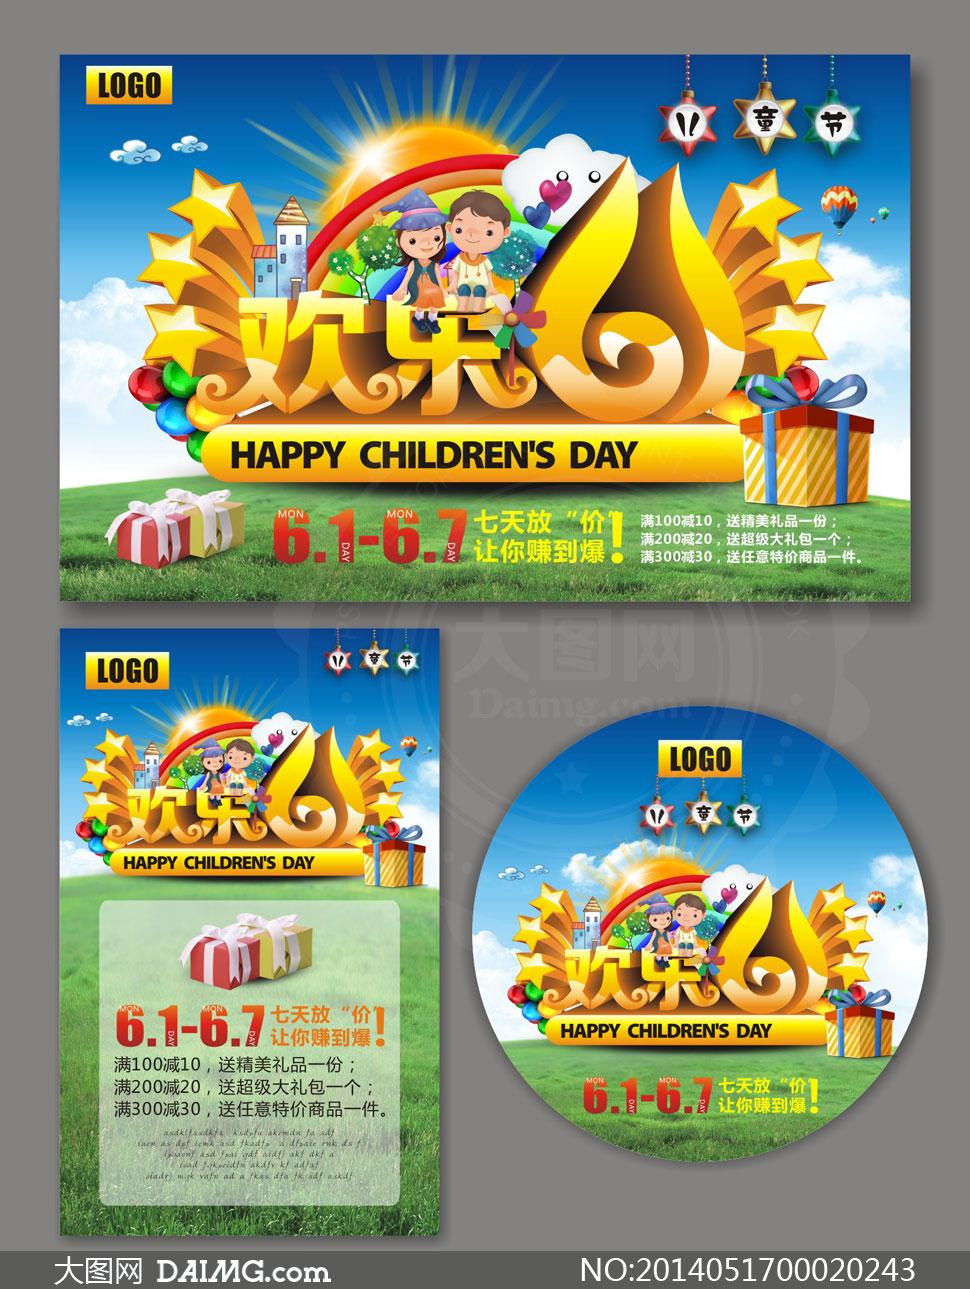 61儿童节商场放价促销海报psd源文件